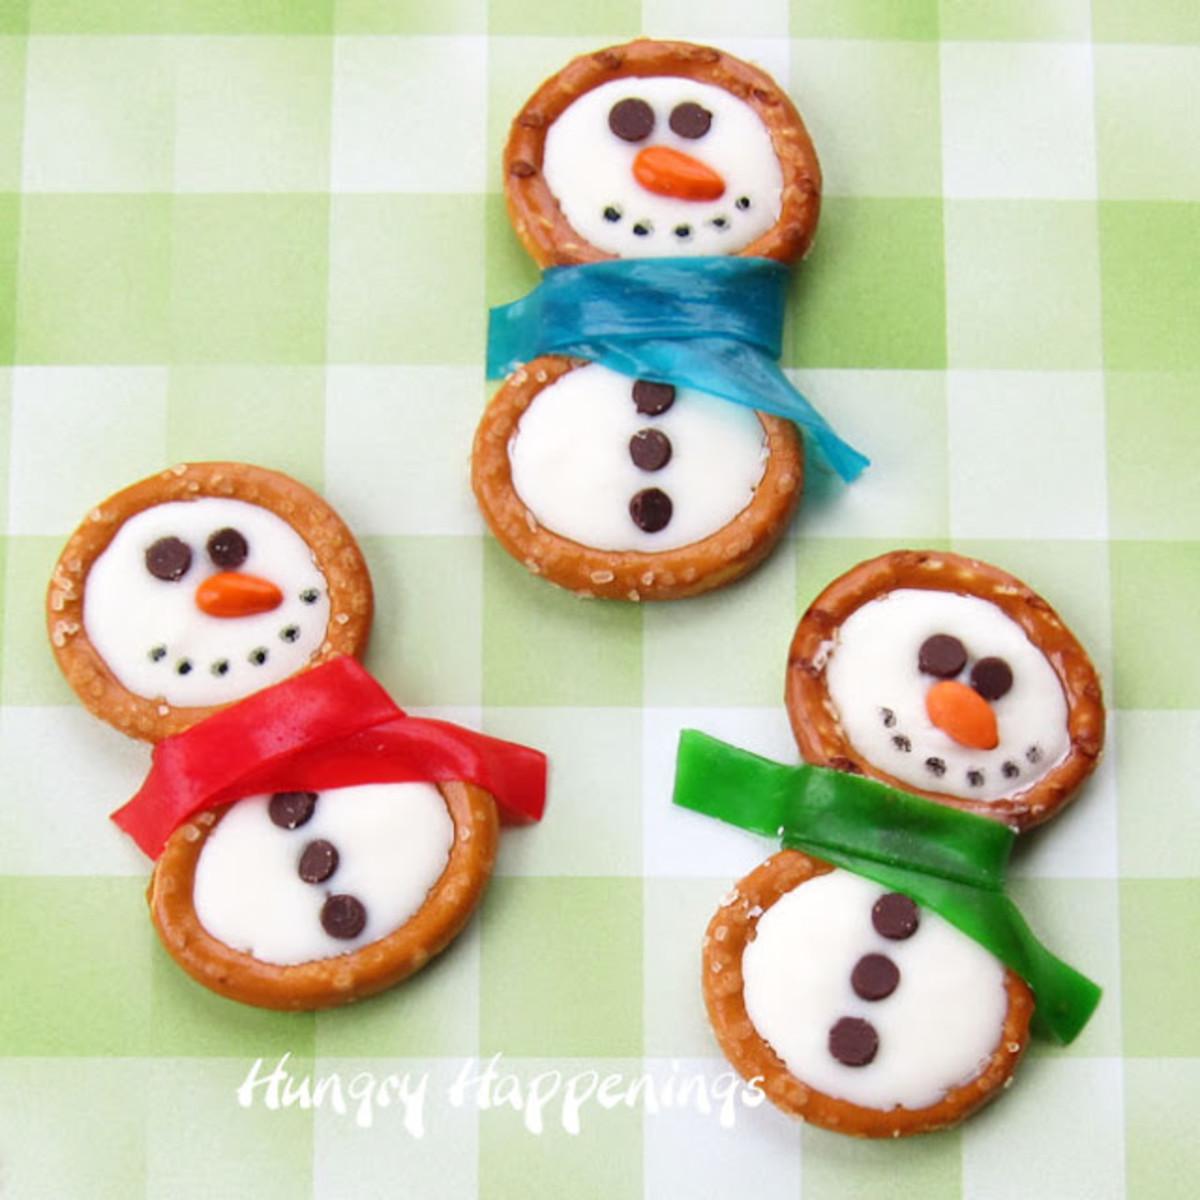 Frosty the Snowman Pretzel Treats